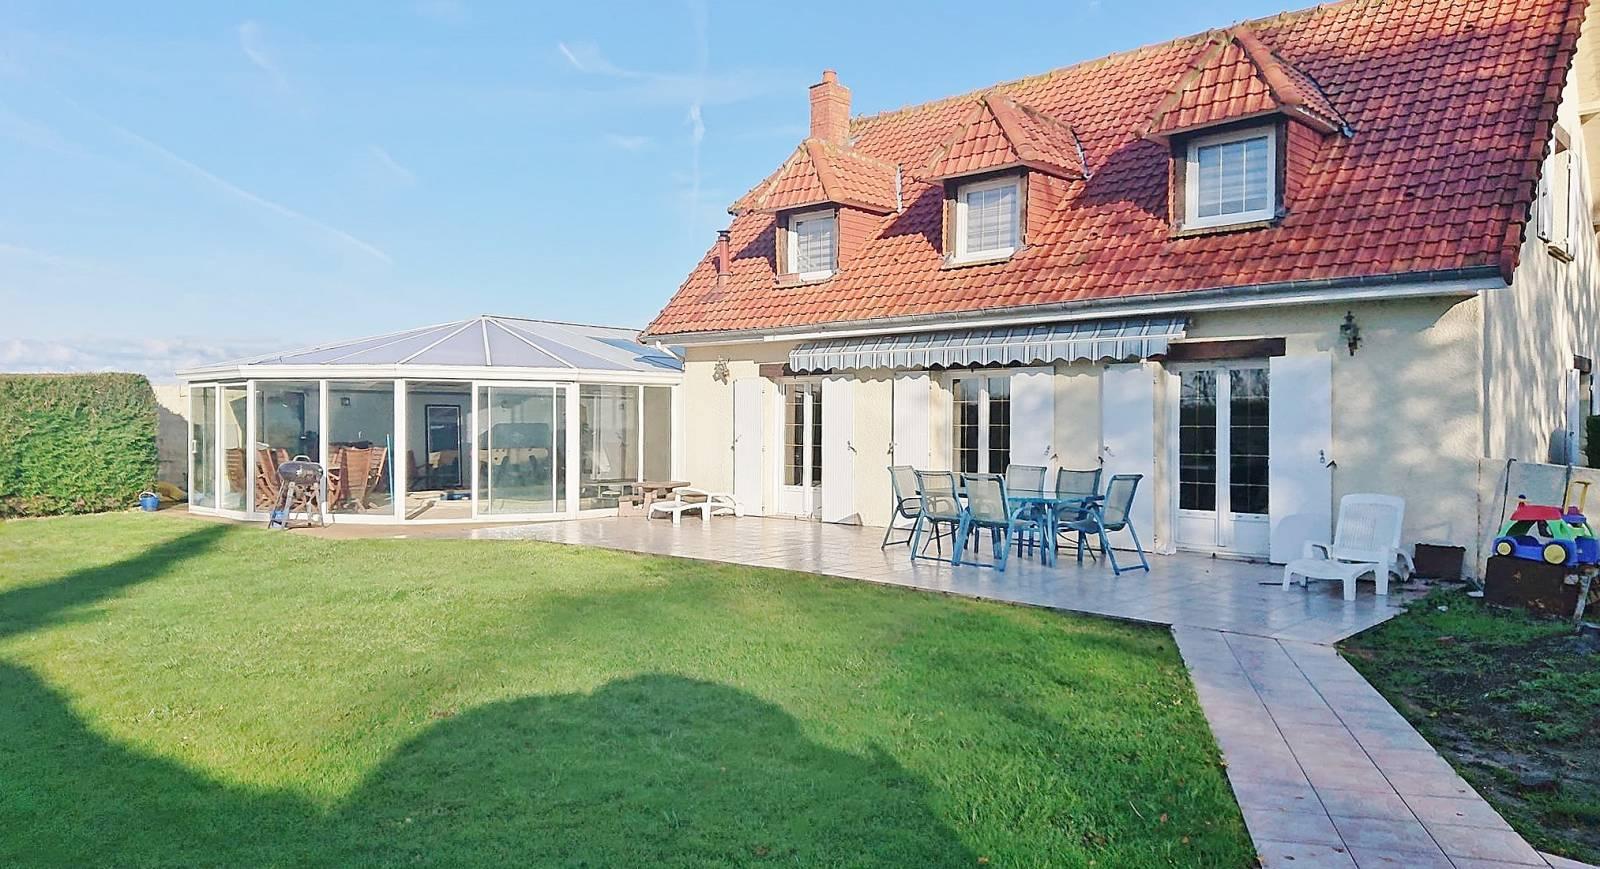 A Vendre Maison Contemporaine - 5 chambres Jardin et Piscine ...